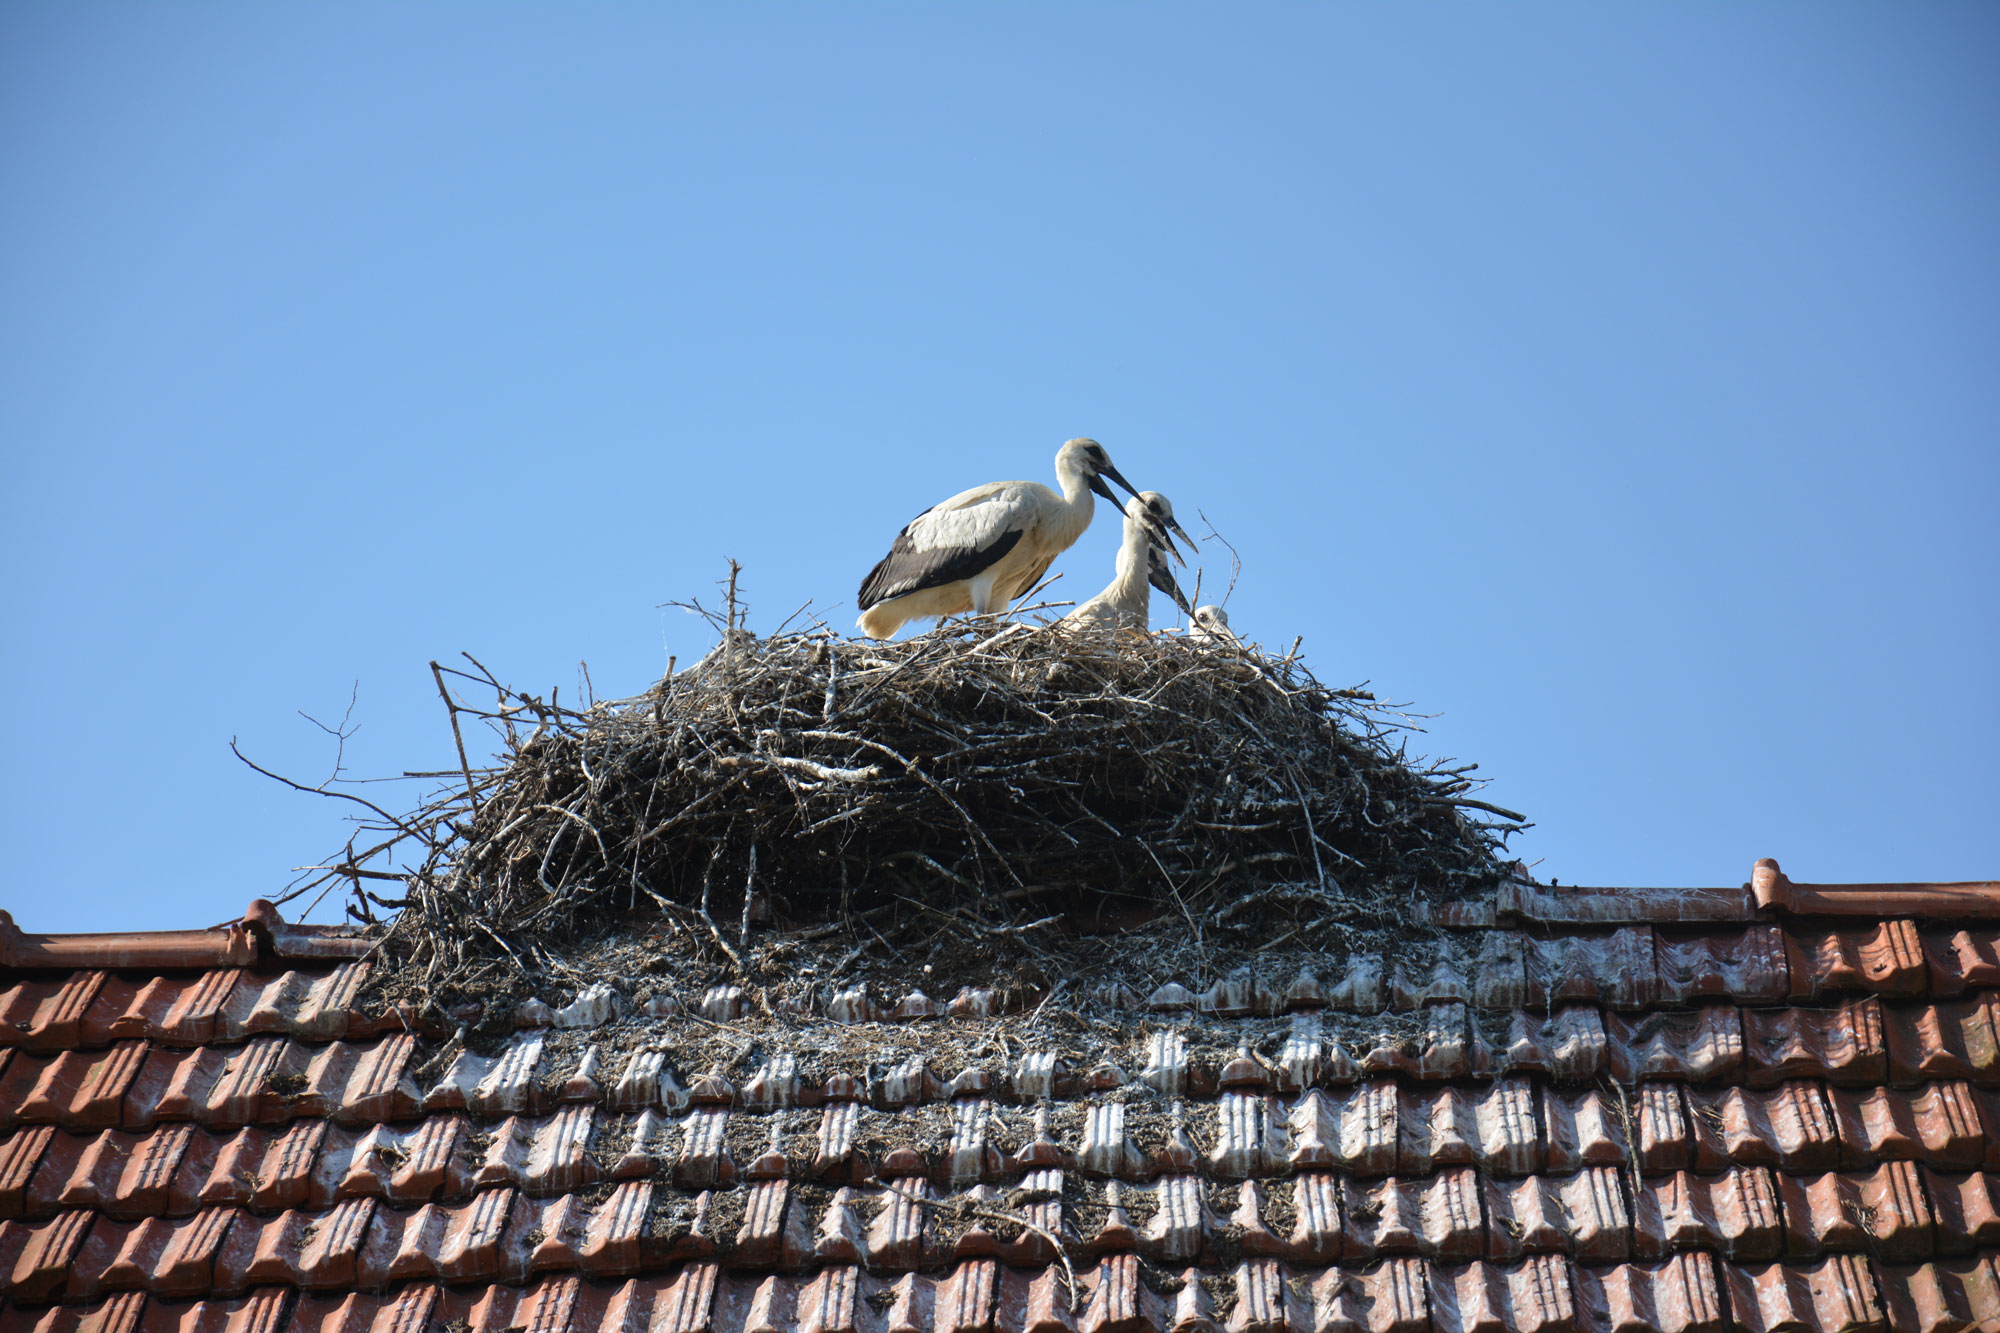 Isplata naknada za rodina gnijezda na krovovima objekata u 2019. godini